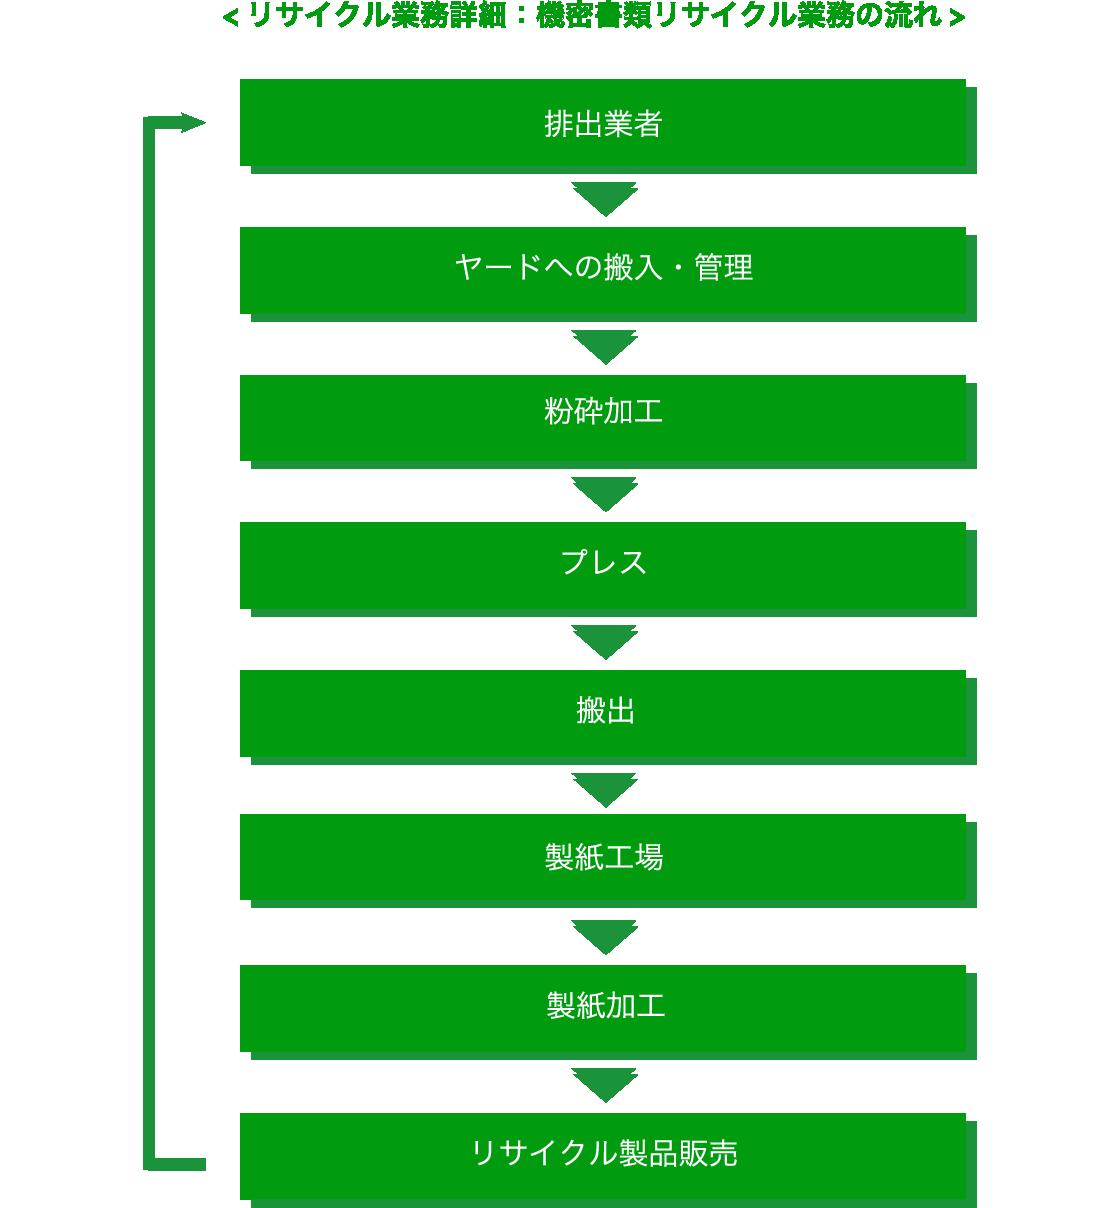 リサイクル業務詳細